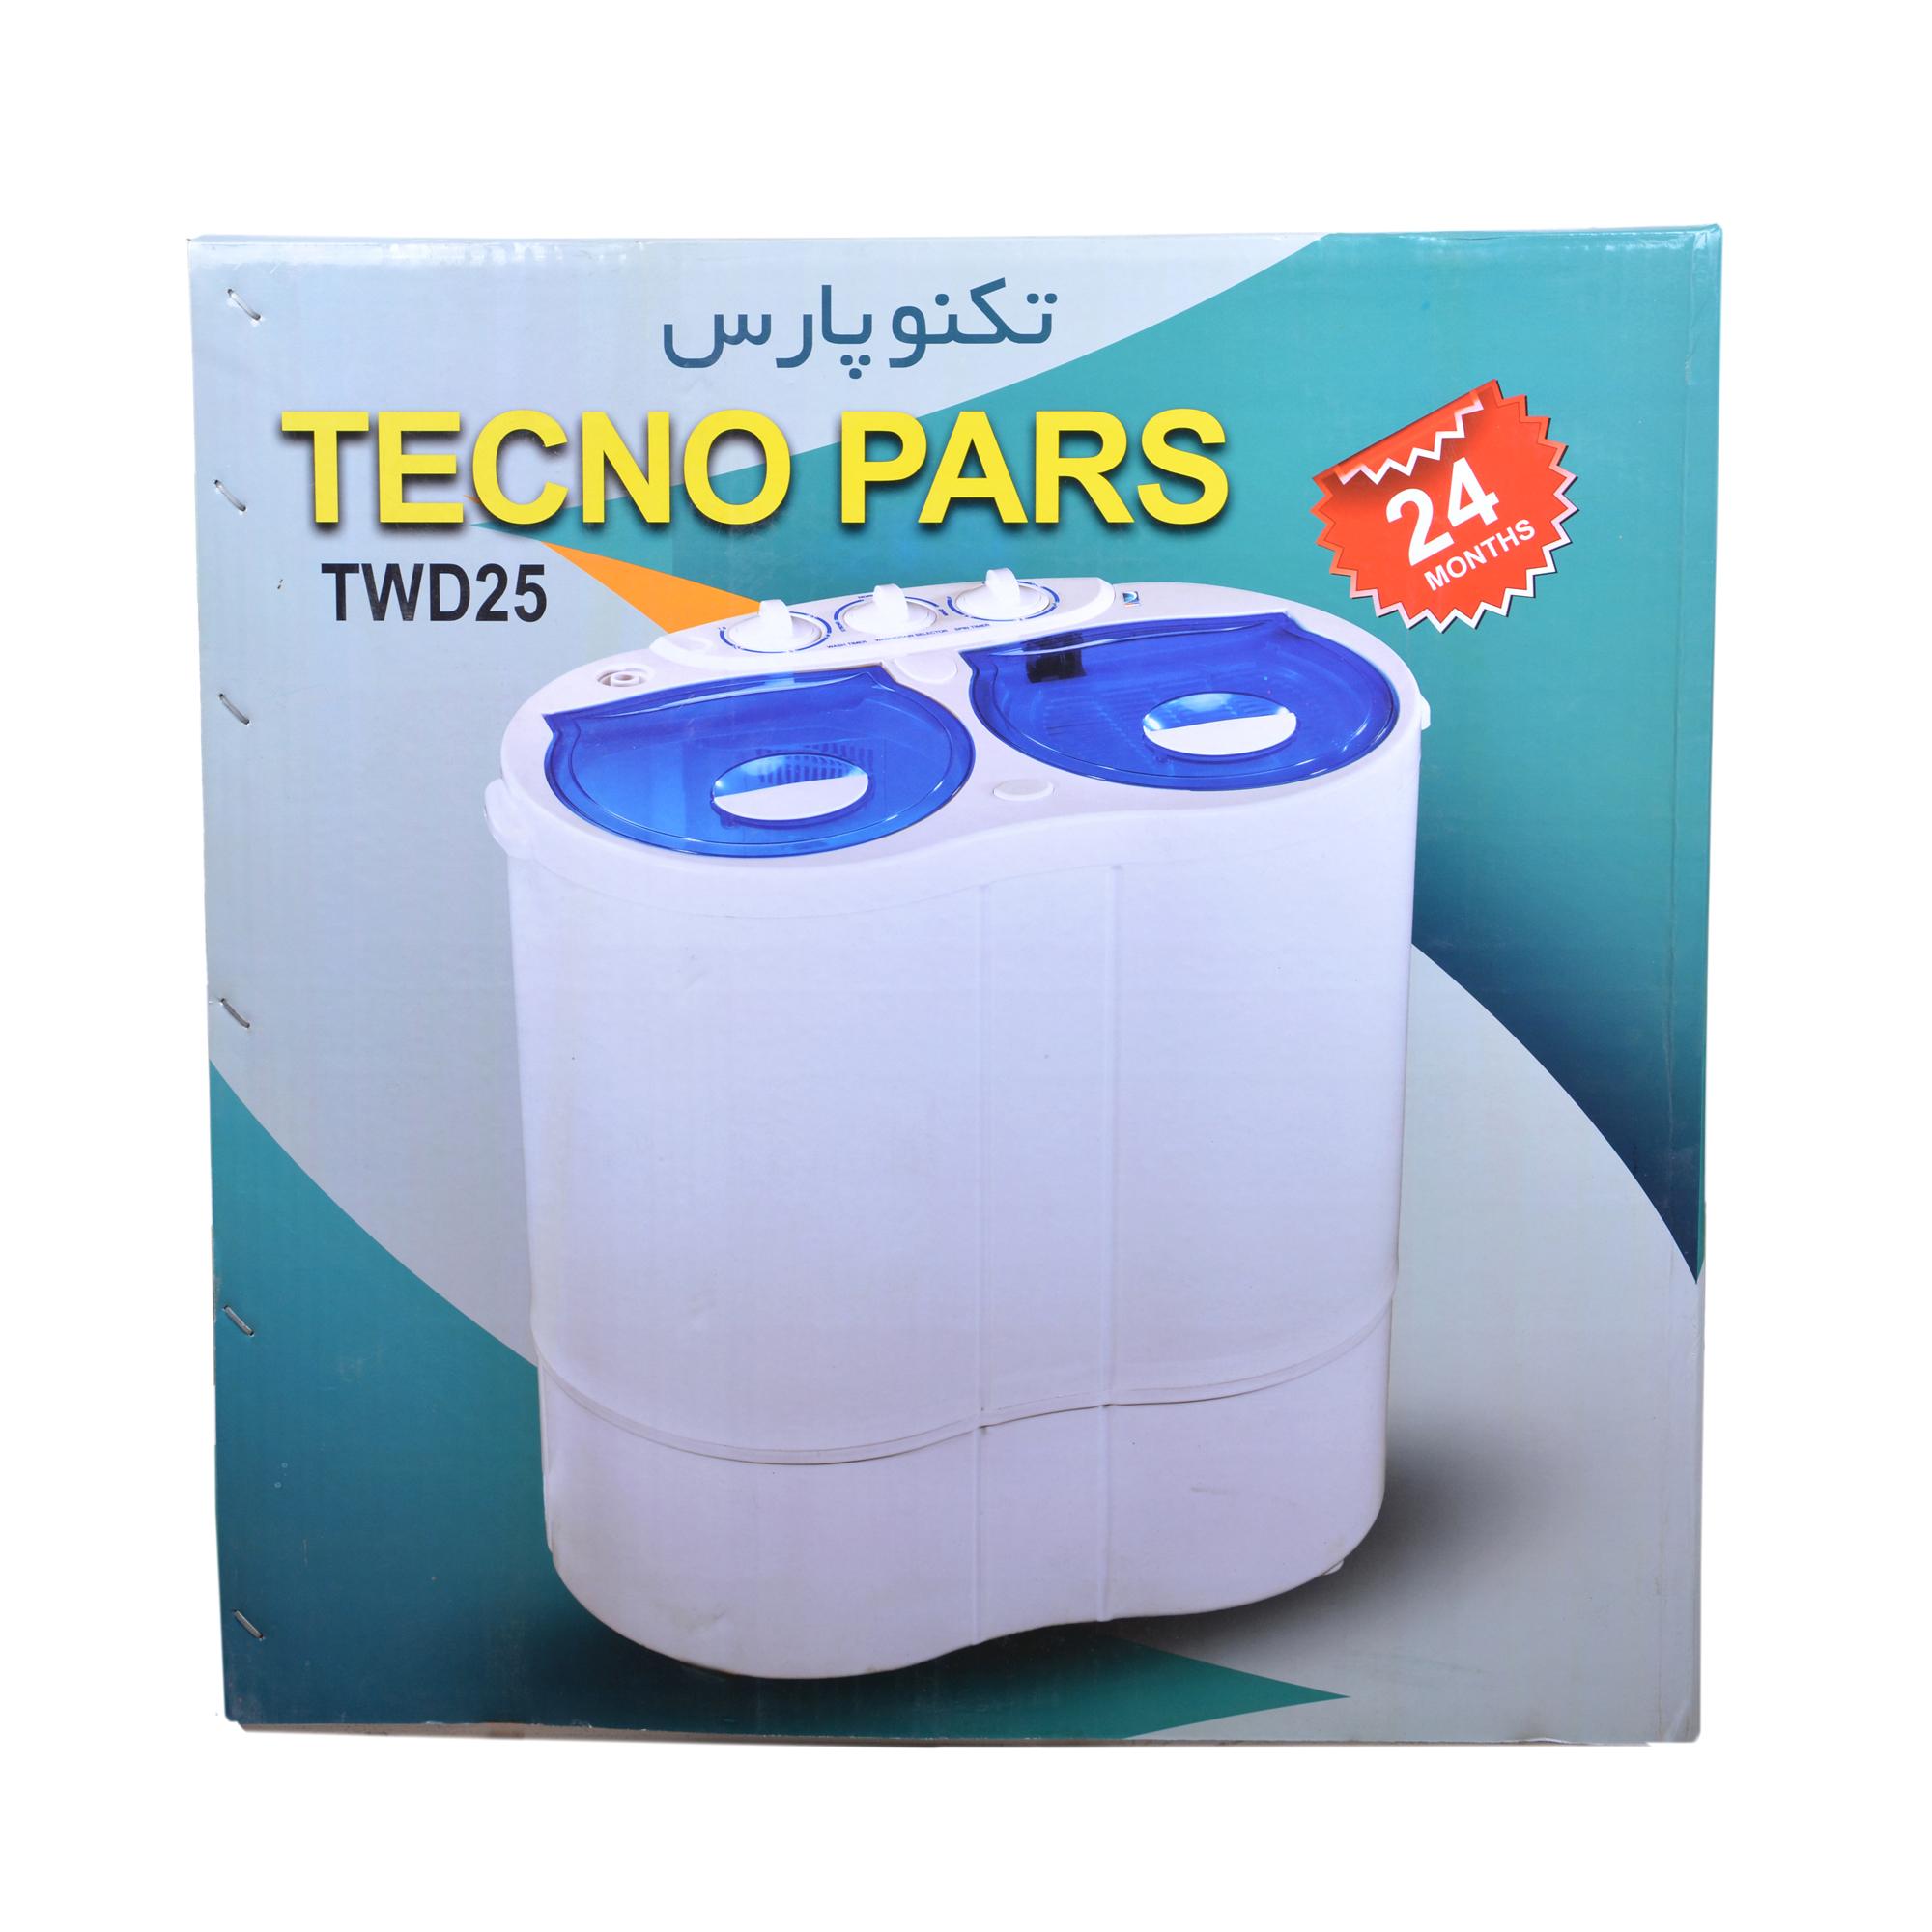 مینی واش تکنو پارس مدل TWD25